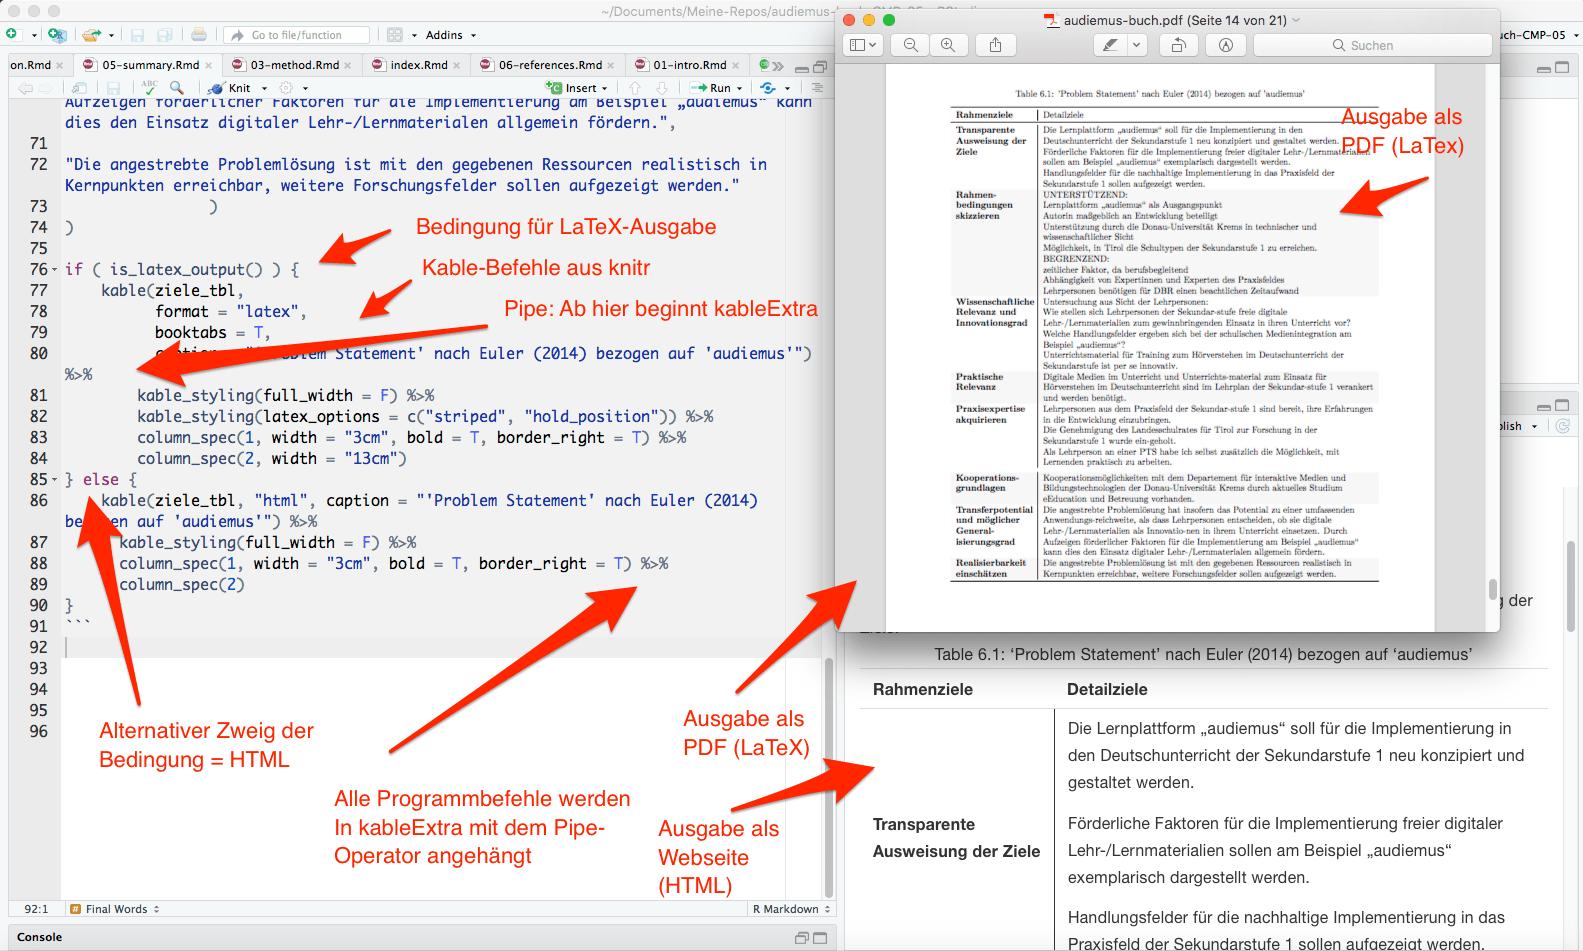 CMP-05: Tabellen mit bookdown - Gedankensplitter